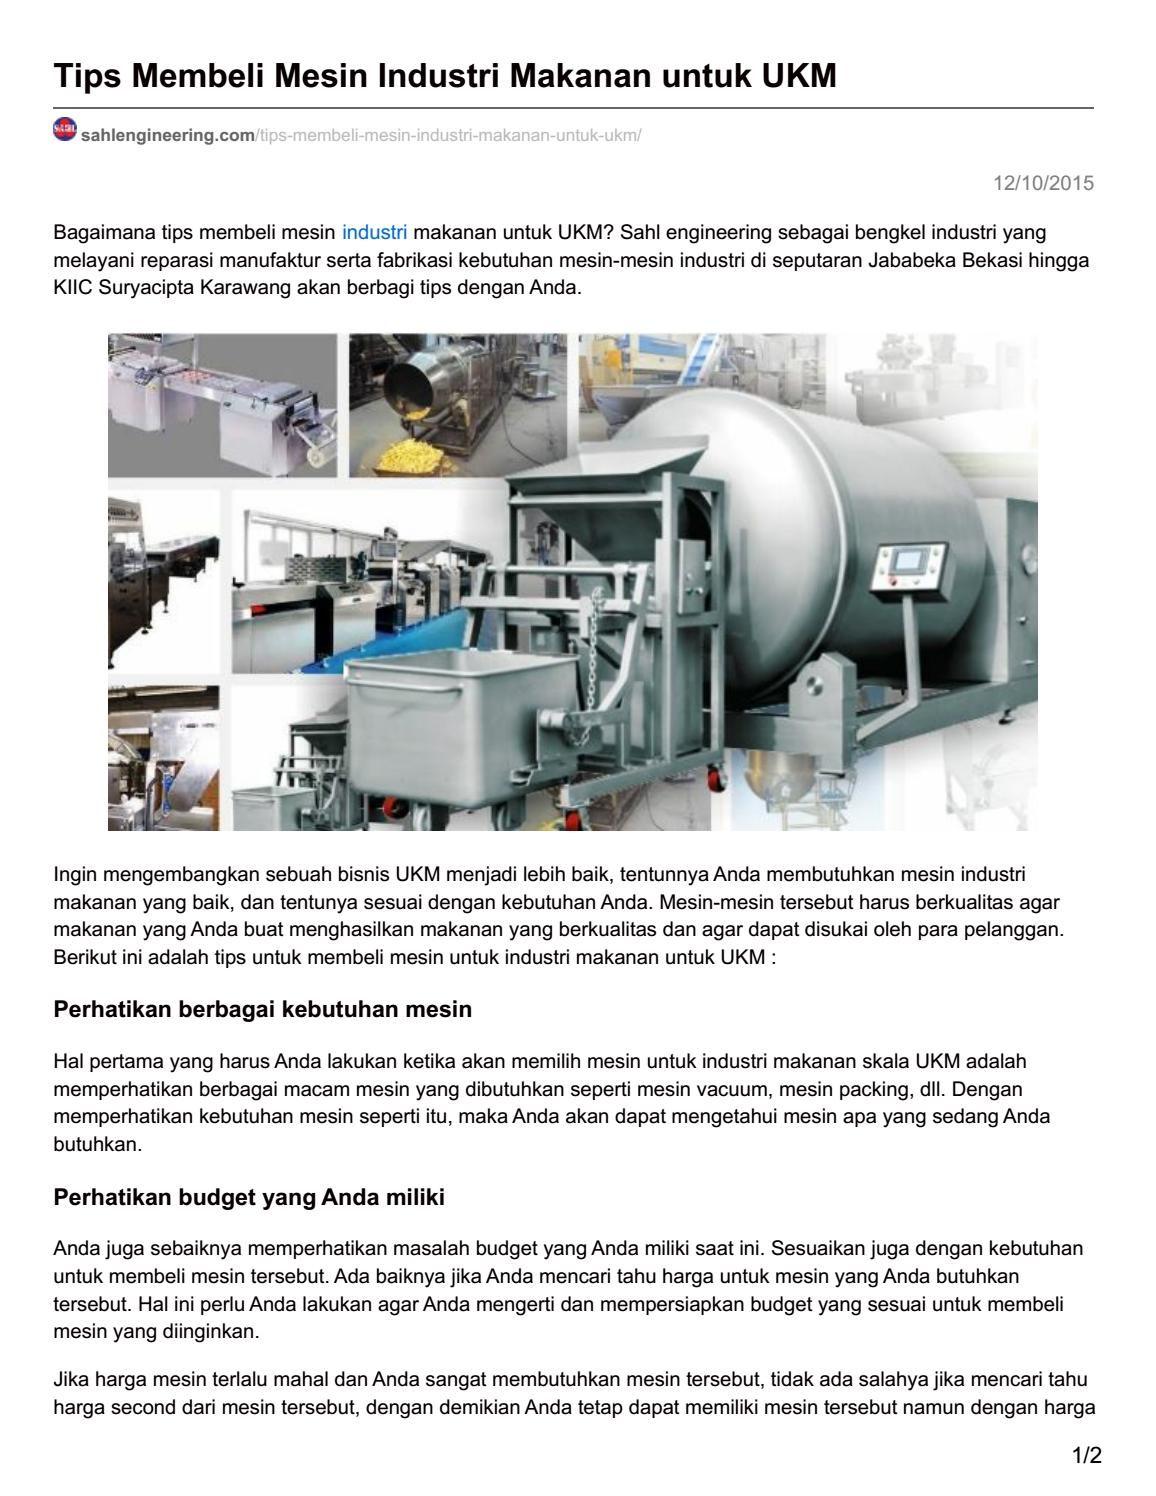 Sahlengineering Com Tips Membeli Mesin Industri Makanan Untuk Ukm Mesin Tips Pelayan